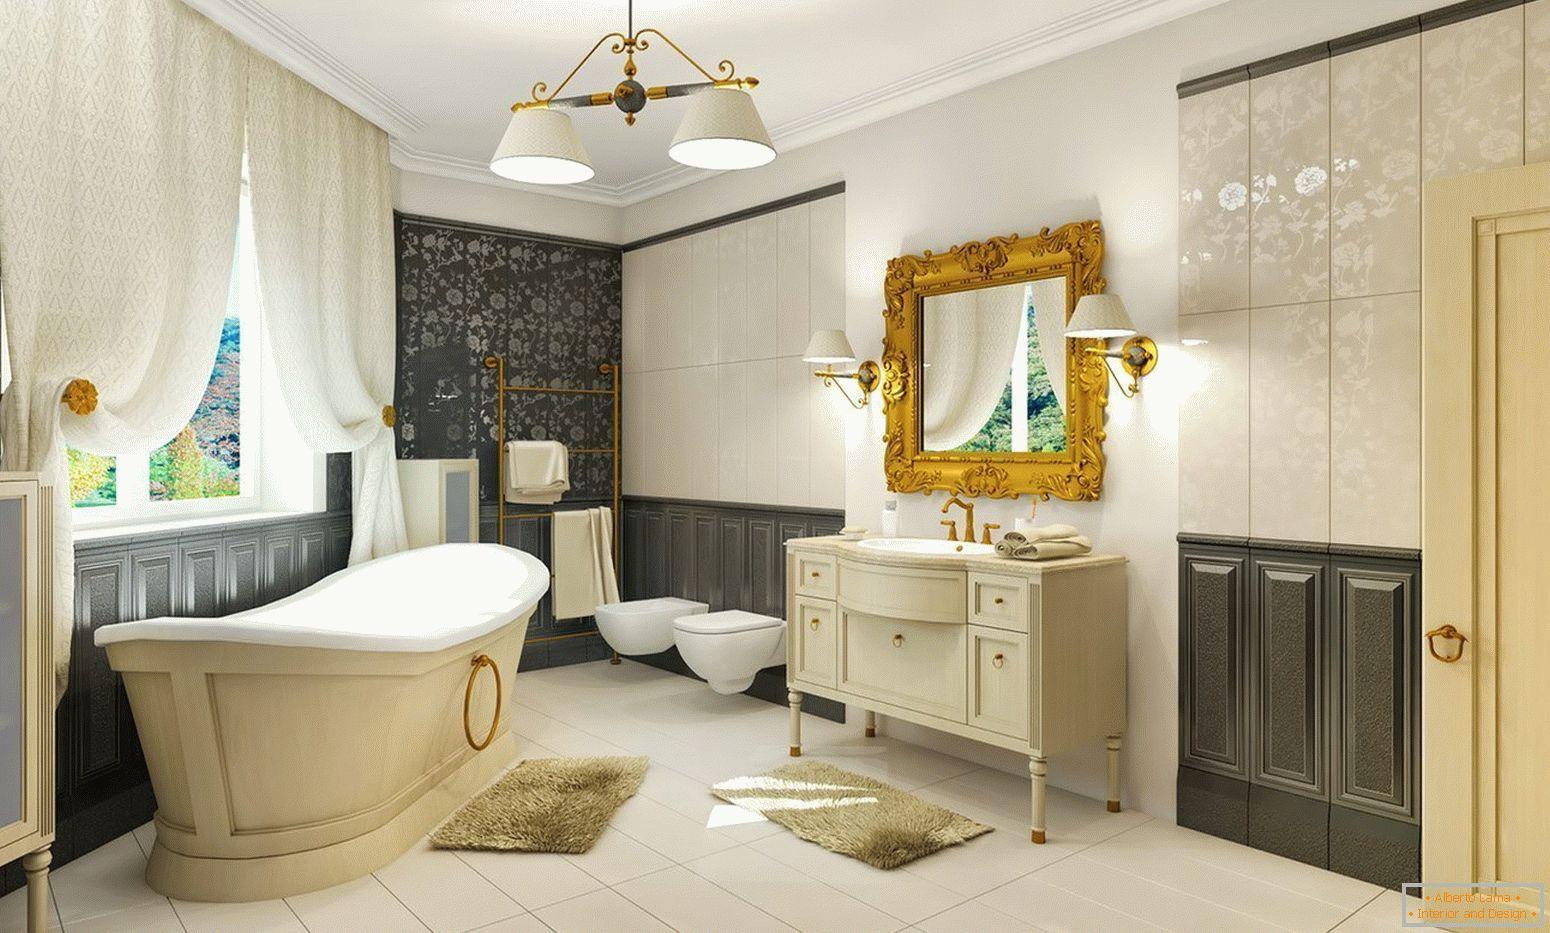 Cuarto de baño en estilo clásico: diseño de interiores